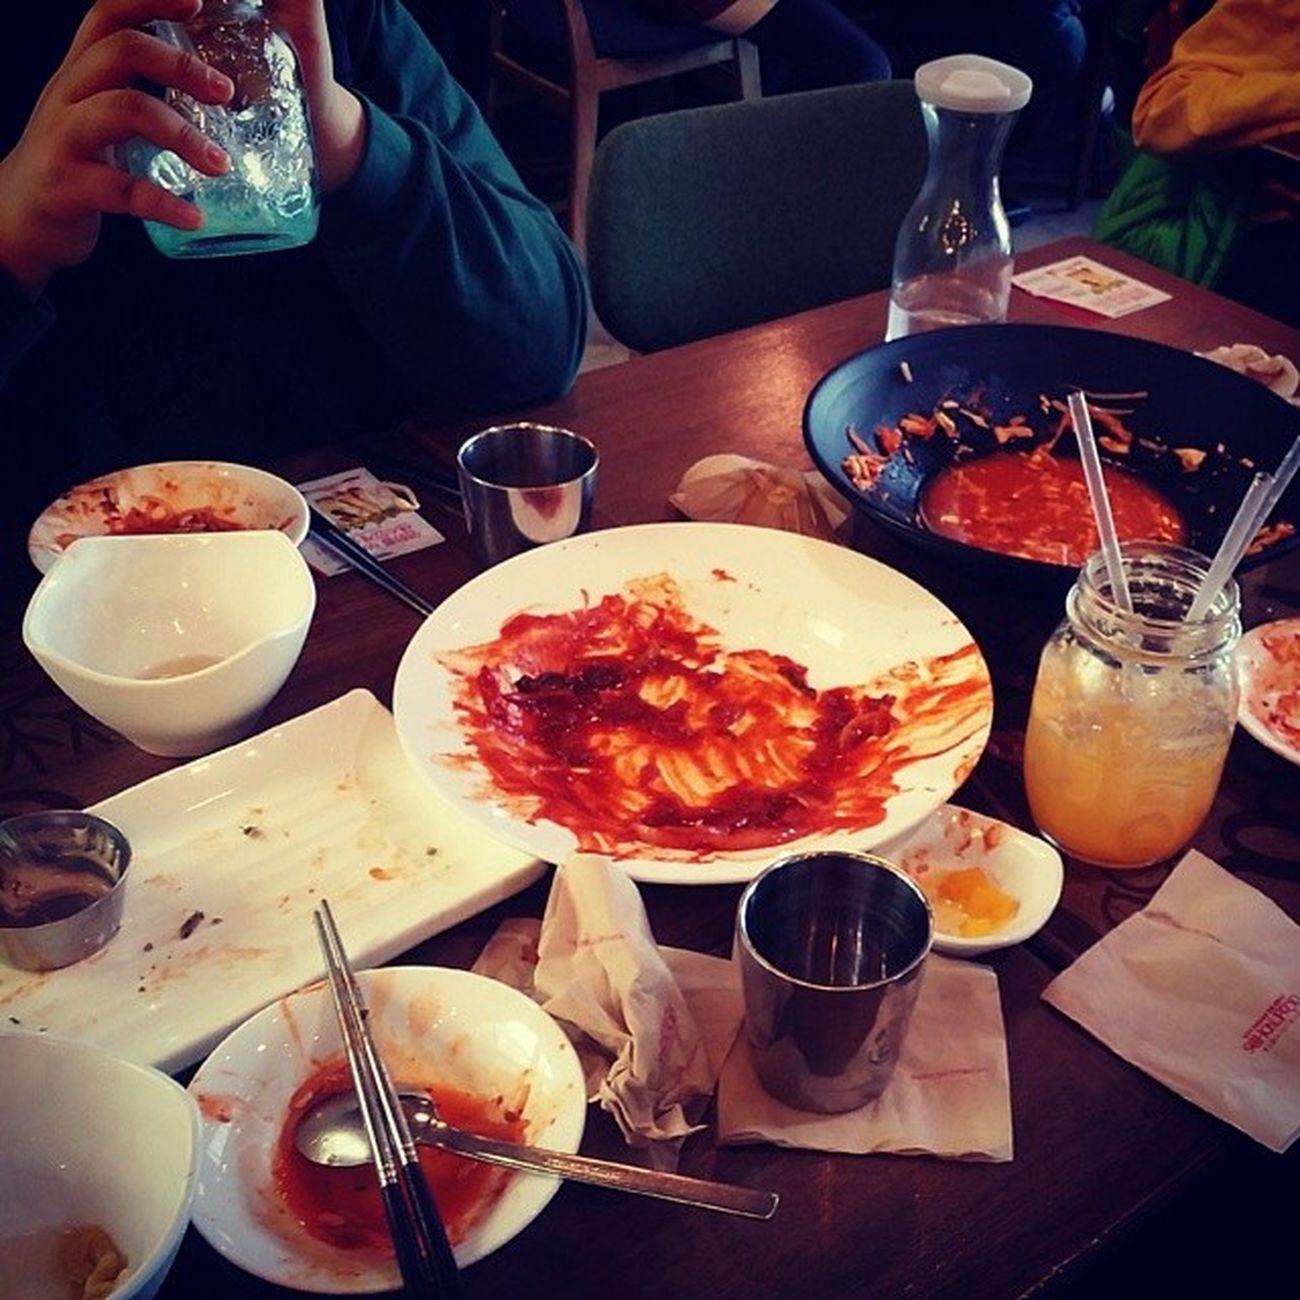 잘먹었읍니다 스쿨푸드 Schoolfood 학교 떡볶이 퓨전분식 koreafood foodstagram 먹스타그램 맛스타그램 먹방 빈접시